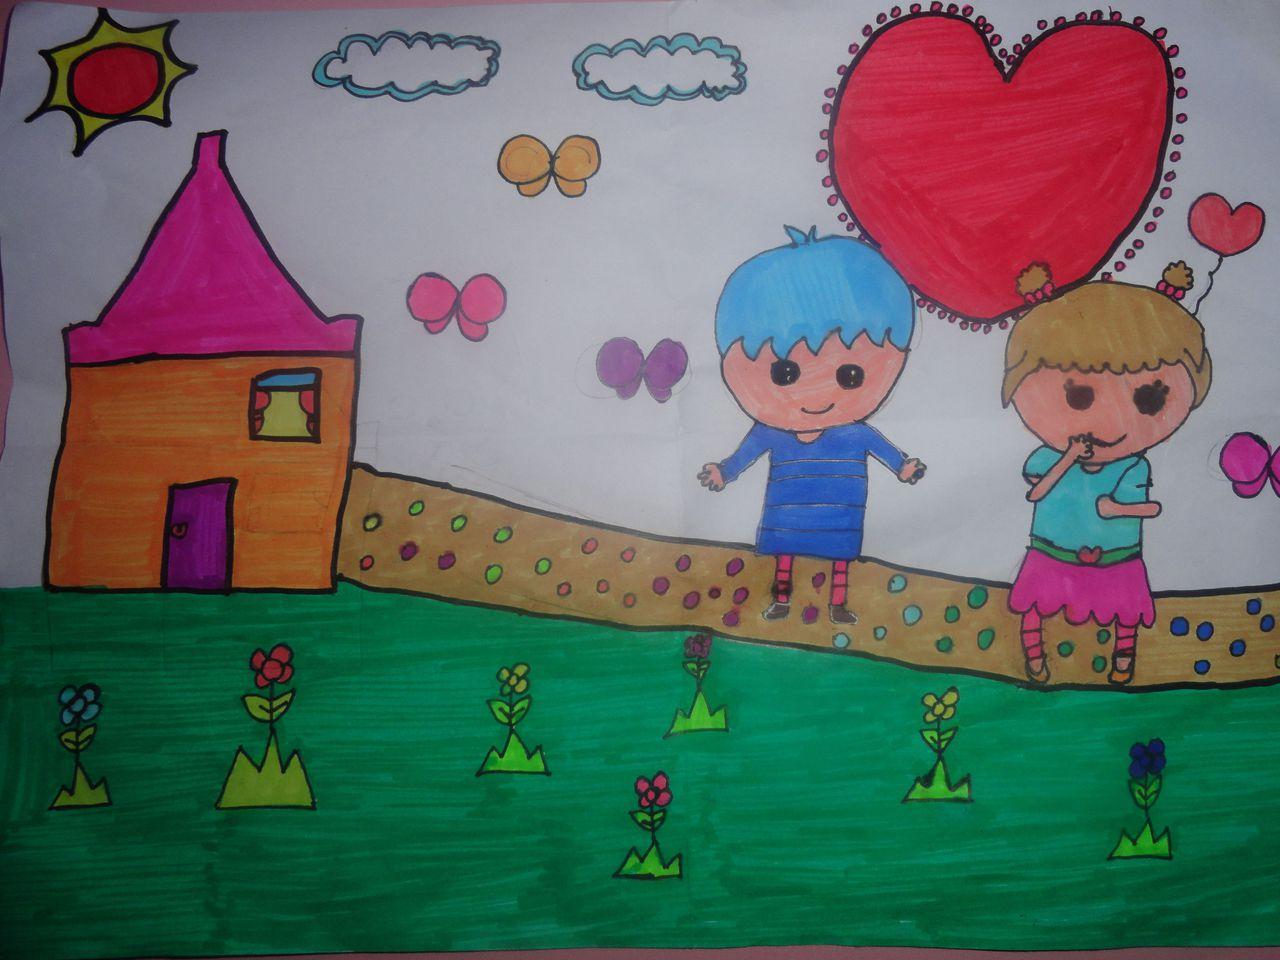 初中学生的绘画作品分享展示图片